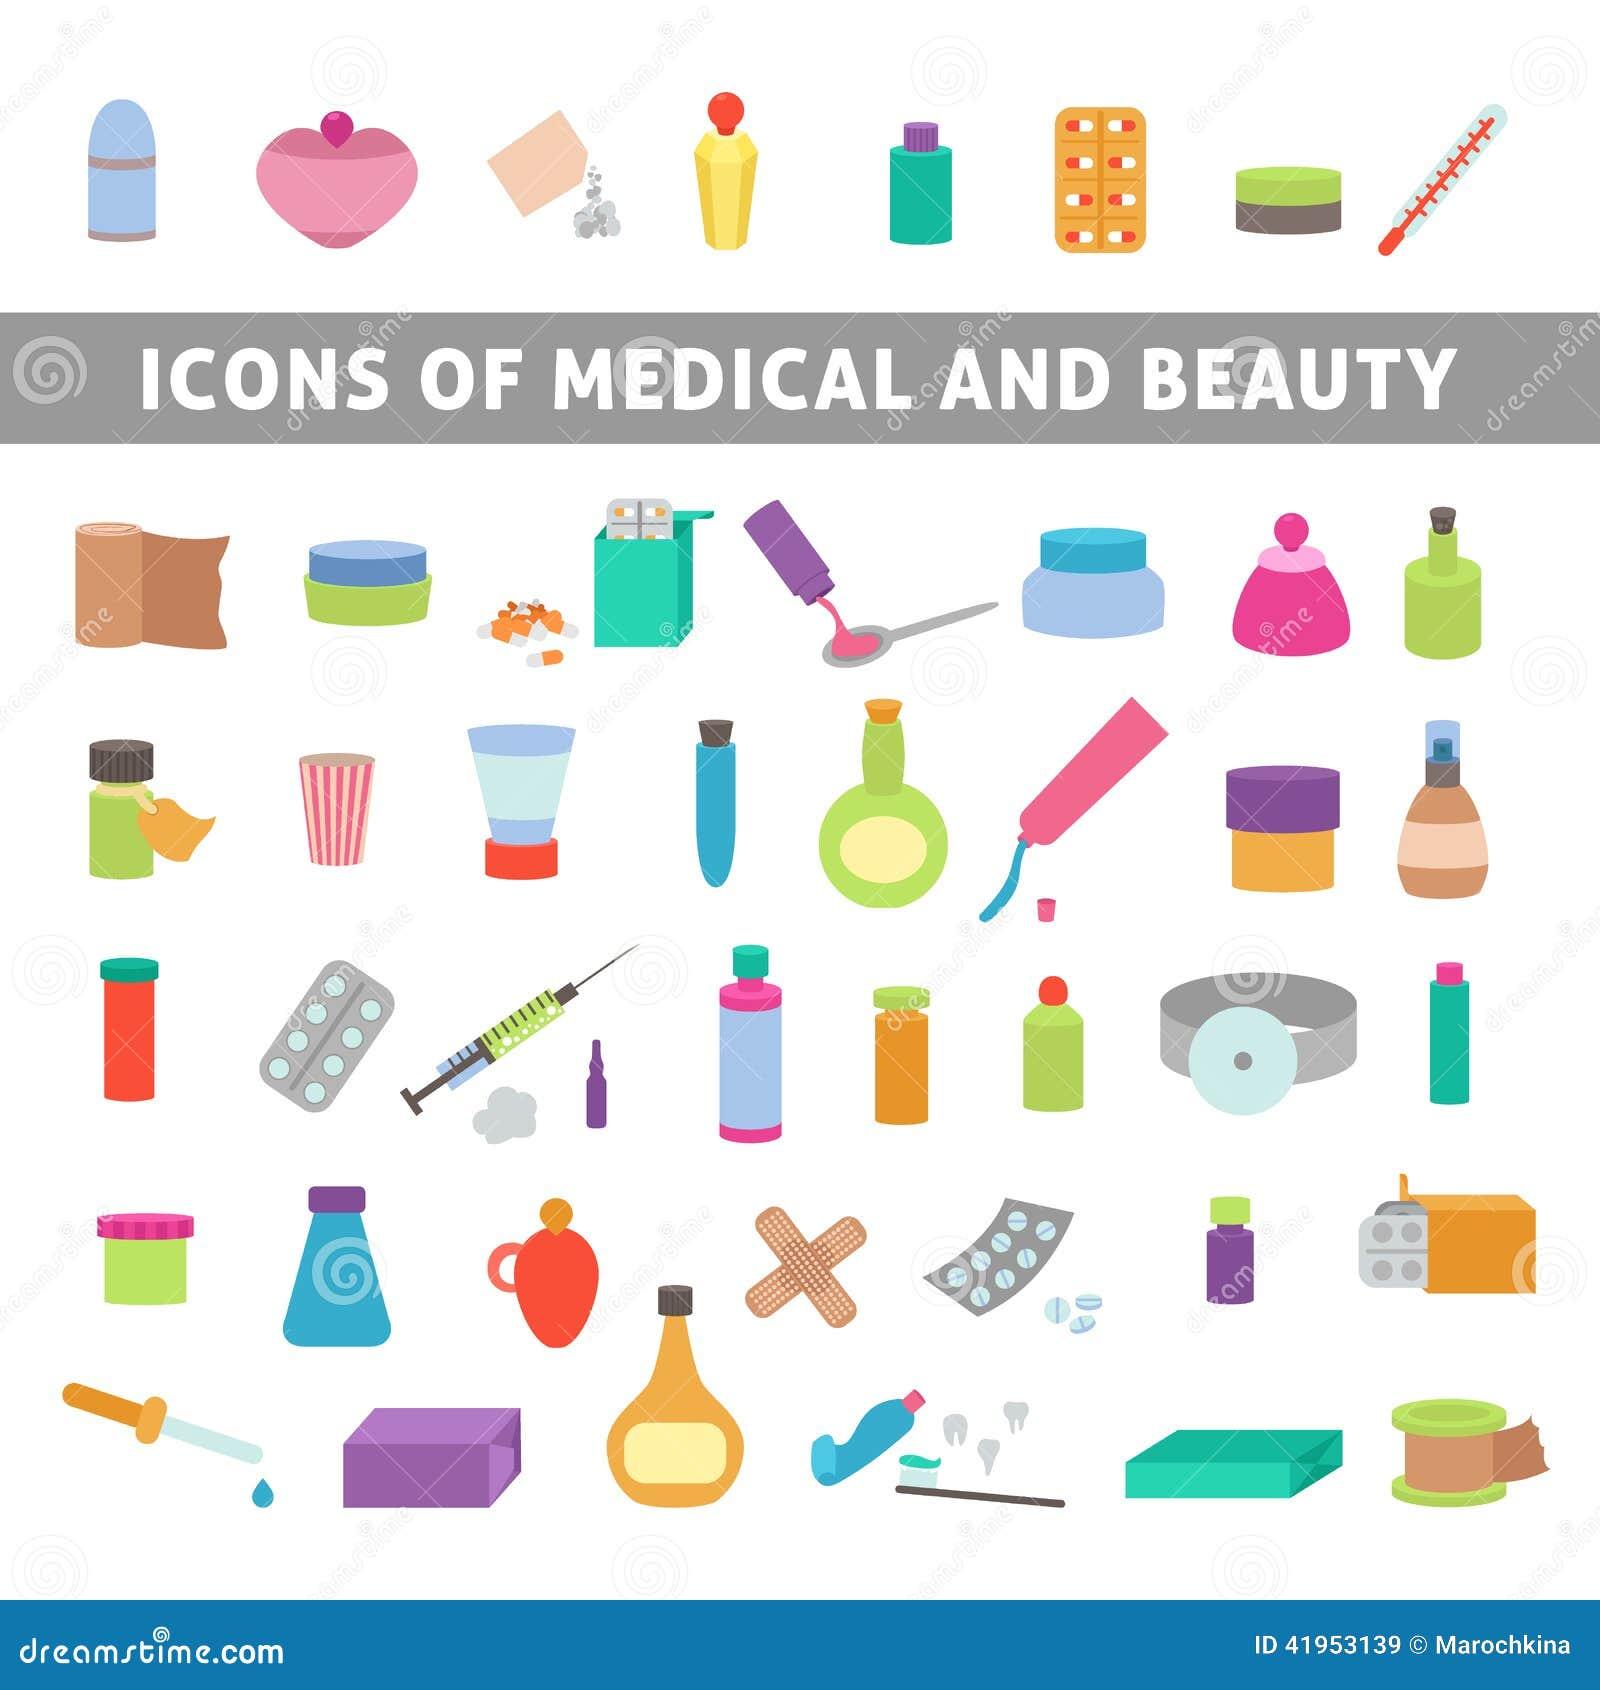 Επίπεδα εικονίδια για την ιατρική και την ομορφιά